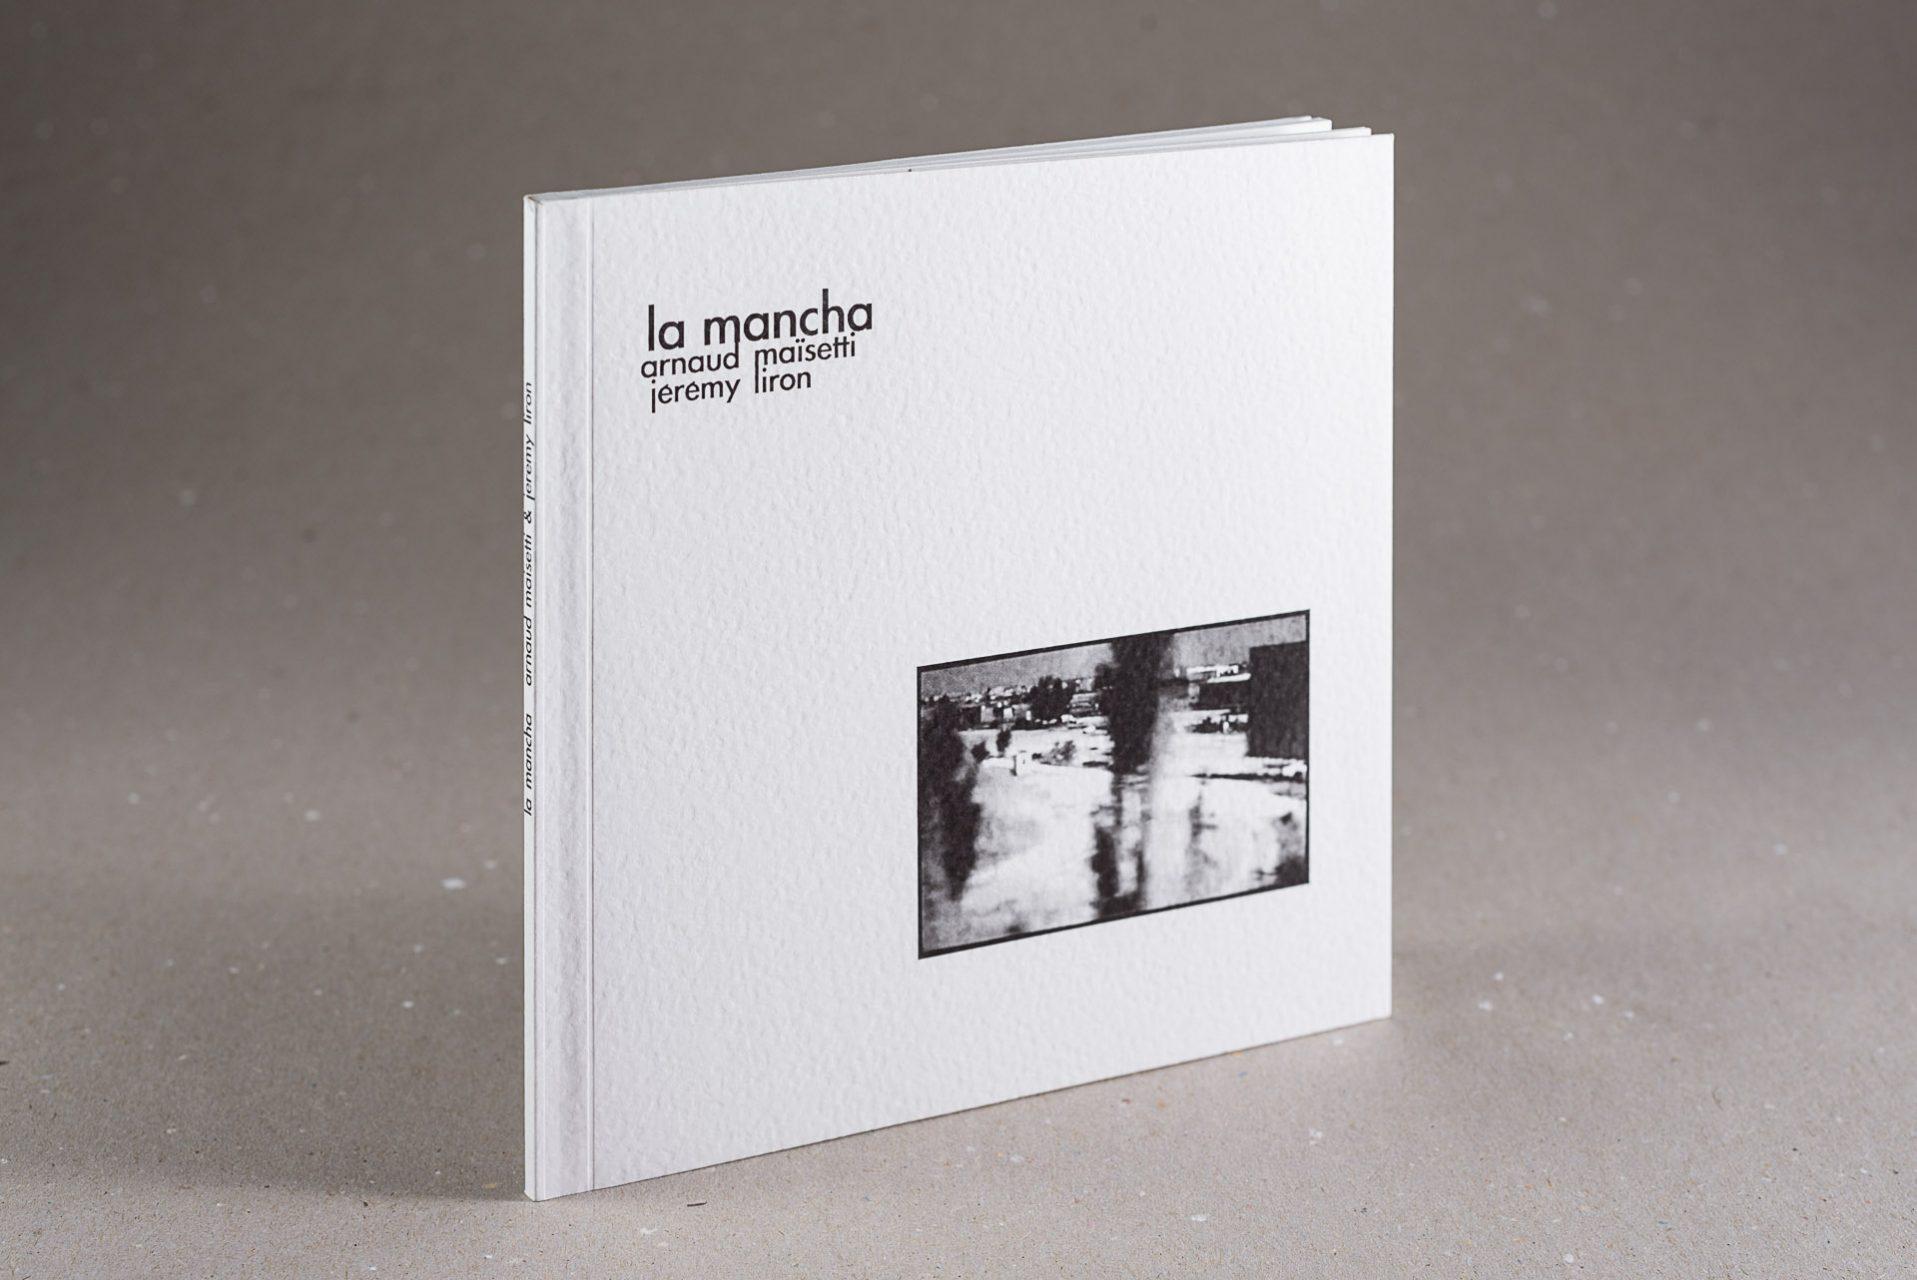 web-hd-nuit-myrtide-livre-la-mancha-maisetti-liron-01